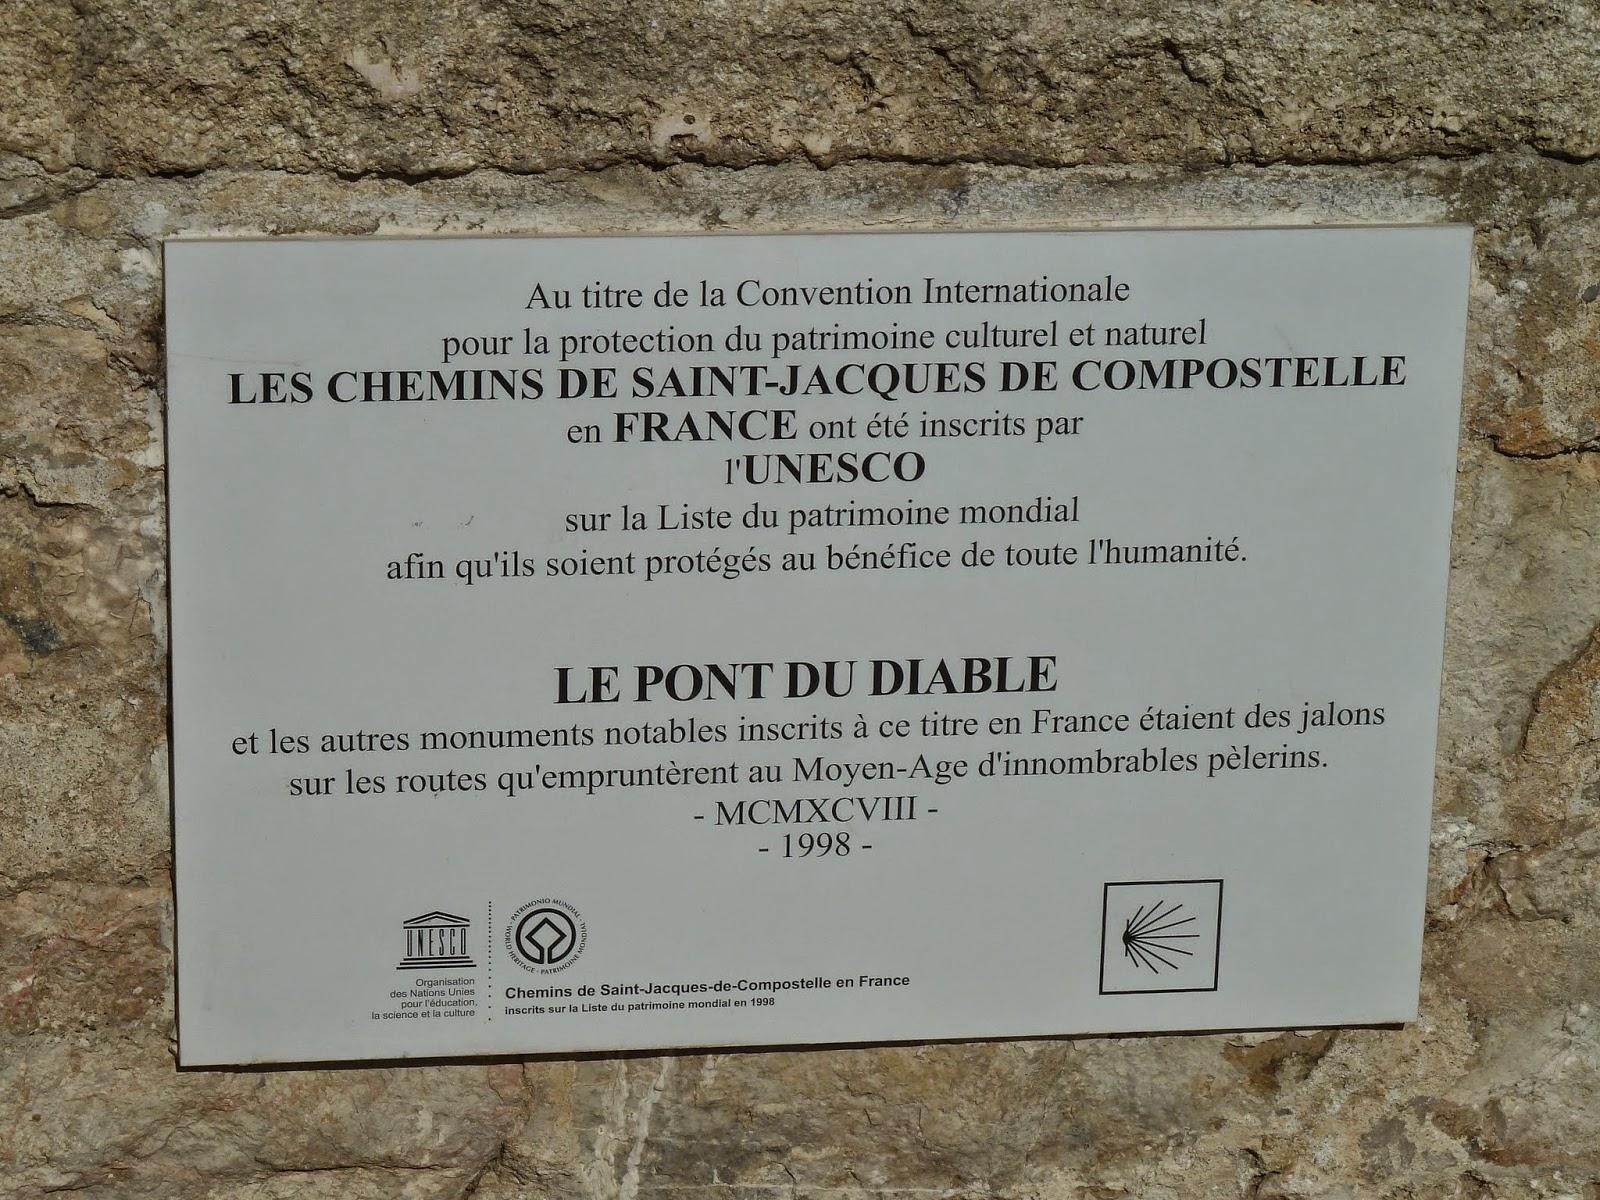 [CR] GTH34, de Bédarieux à Montpellier. Du 03 au 07 mars 2015. P1070008